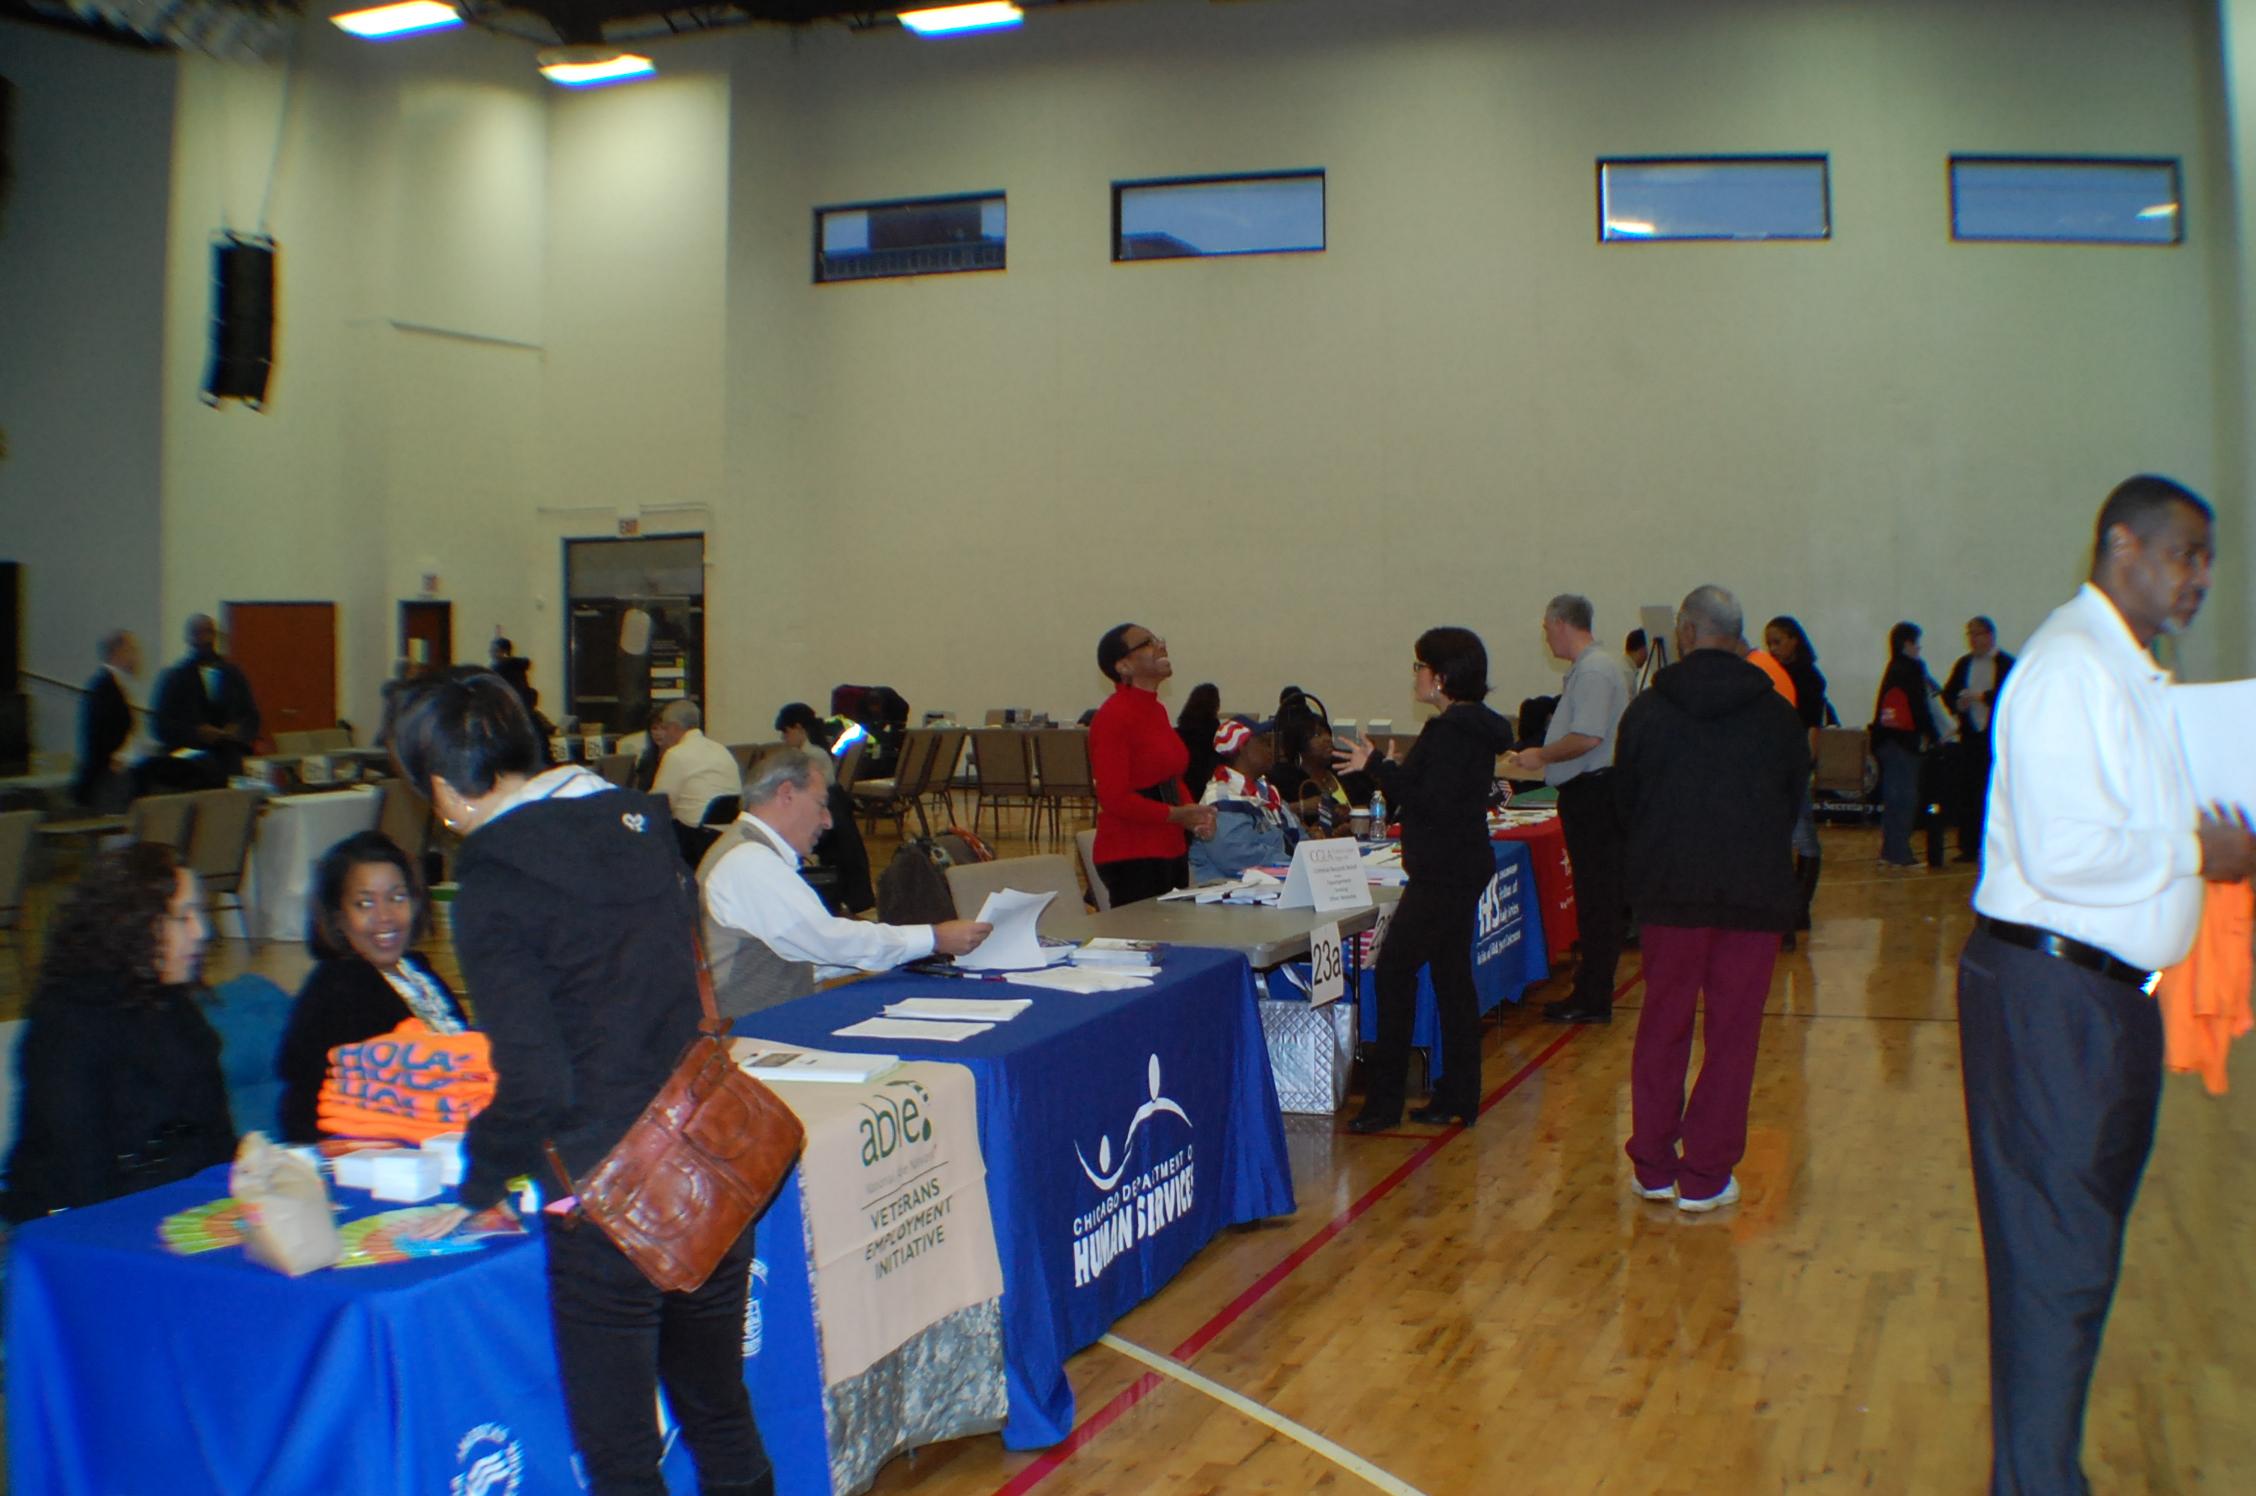 Resource Fair at JLM